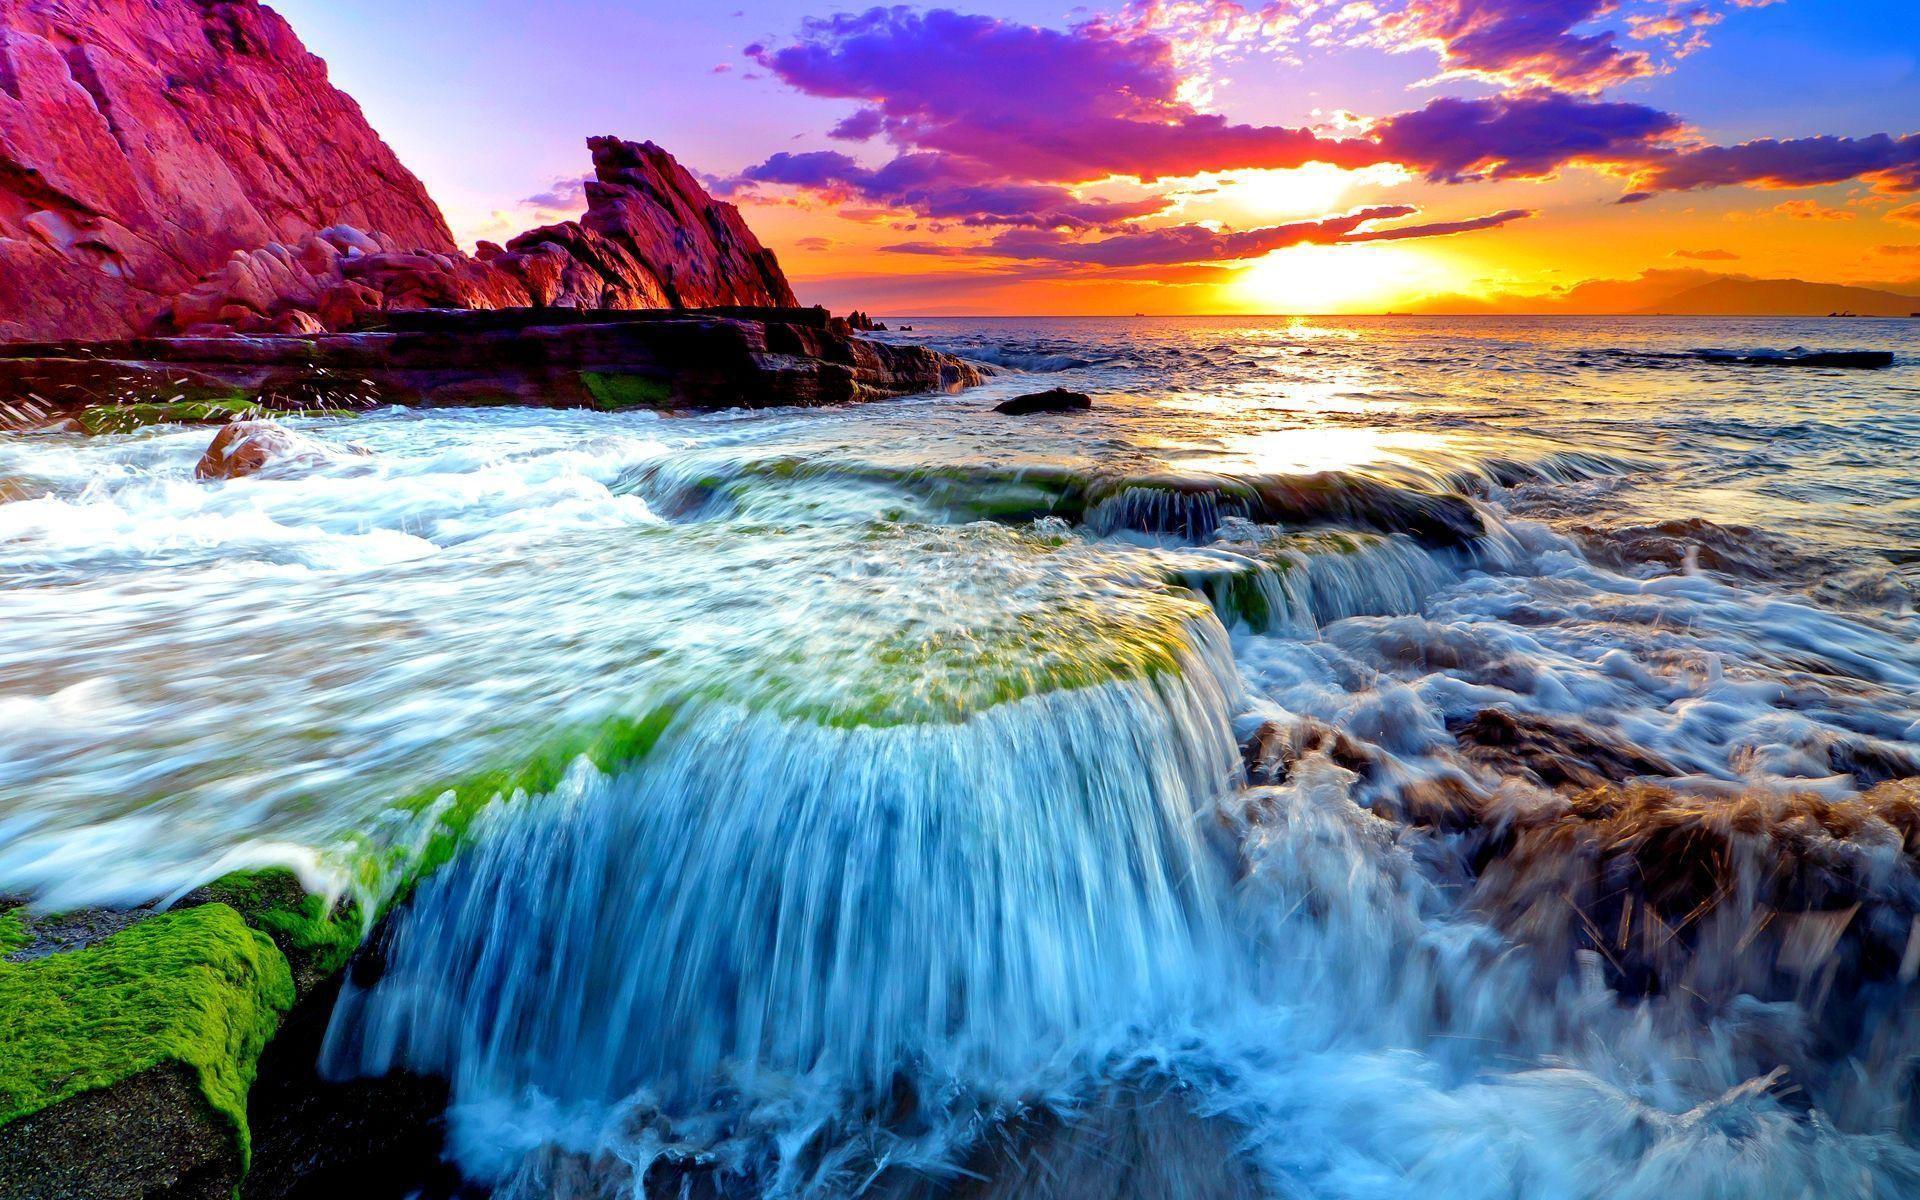 Ocean Sunset Wallpapers Desktop